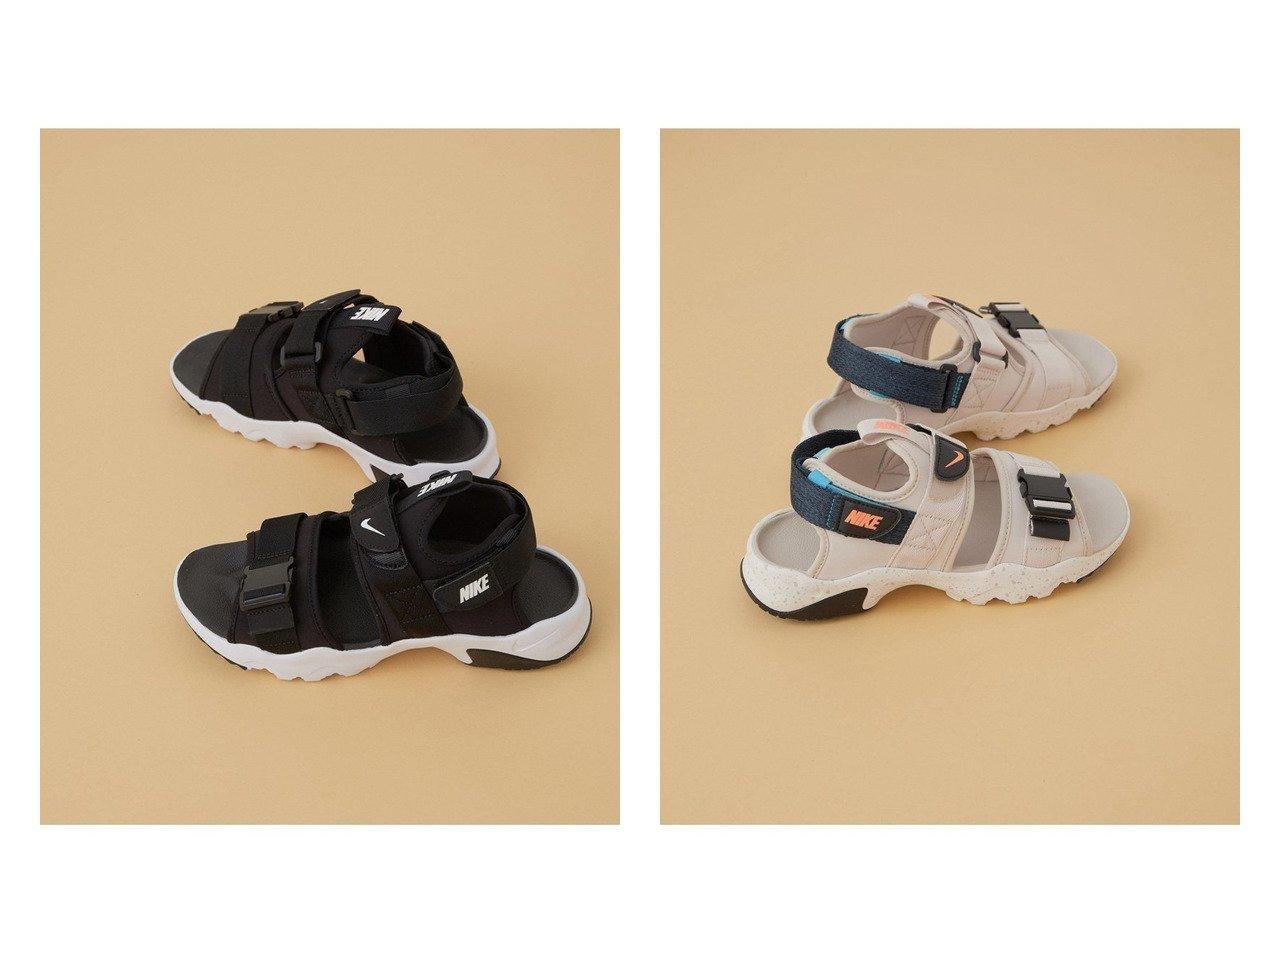 【ADAM ET ROPE'/アダム エ ロペ】の【NIKE】ナイキ キャニオンサンダル 【シューズ・靴】おすすめ!人気、トレンド・レディースファッションの通販 おすすめで人気の流行・トレンド、ファッションの通販商品 インテリア・家具・メンズファッション・キッズファッション・レディースファッション・服の通販 founy(ファニー) https://founy.com/ ファッション Fashion レディースファッション WOMEN サンダル シューズ スタイリッシュ フィット フォーム ミュール ラップ ラバー  ID:crp329100000045156